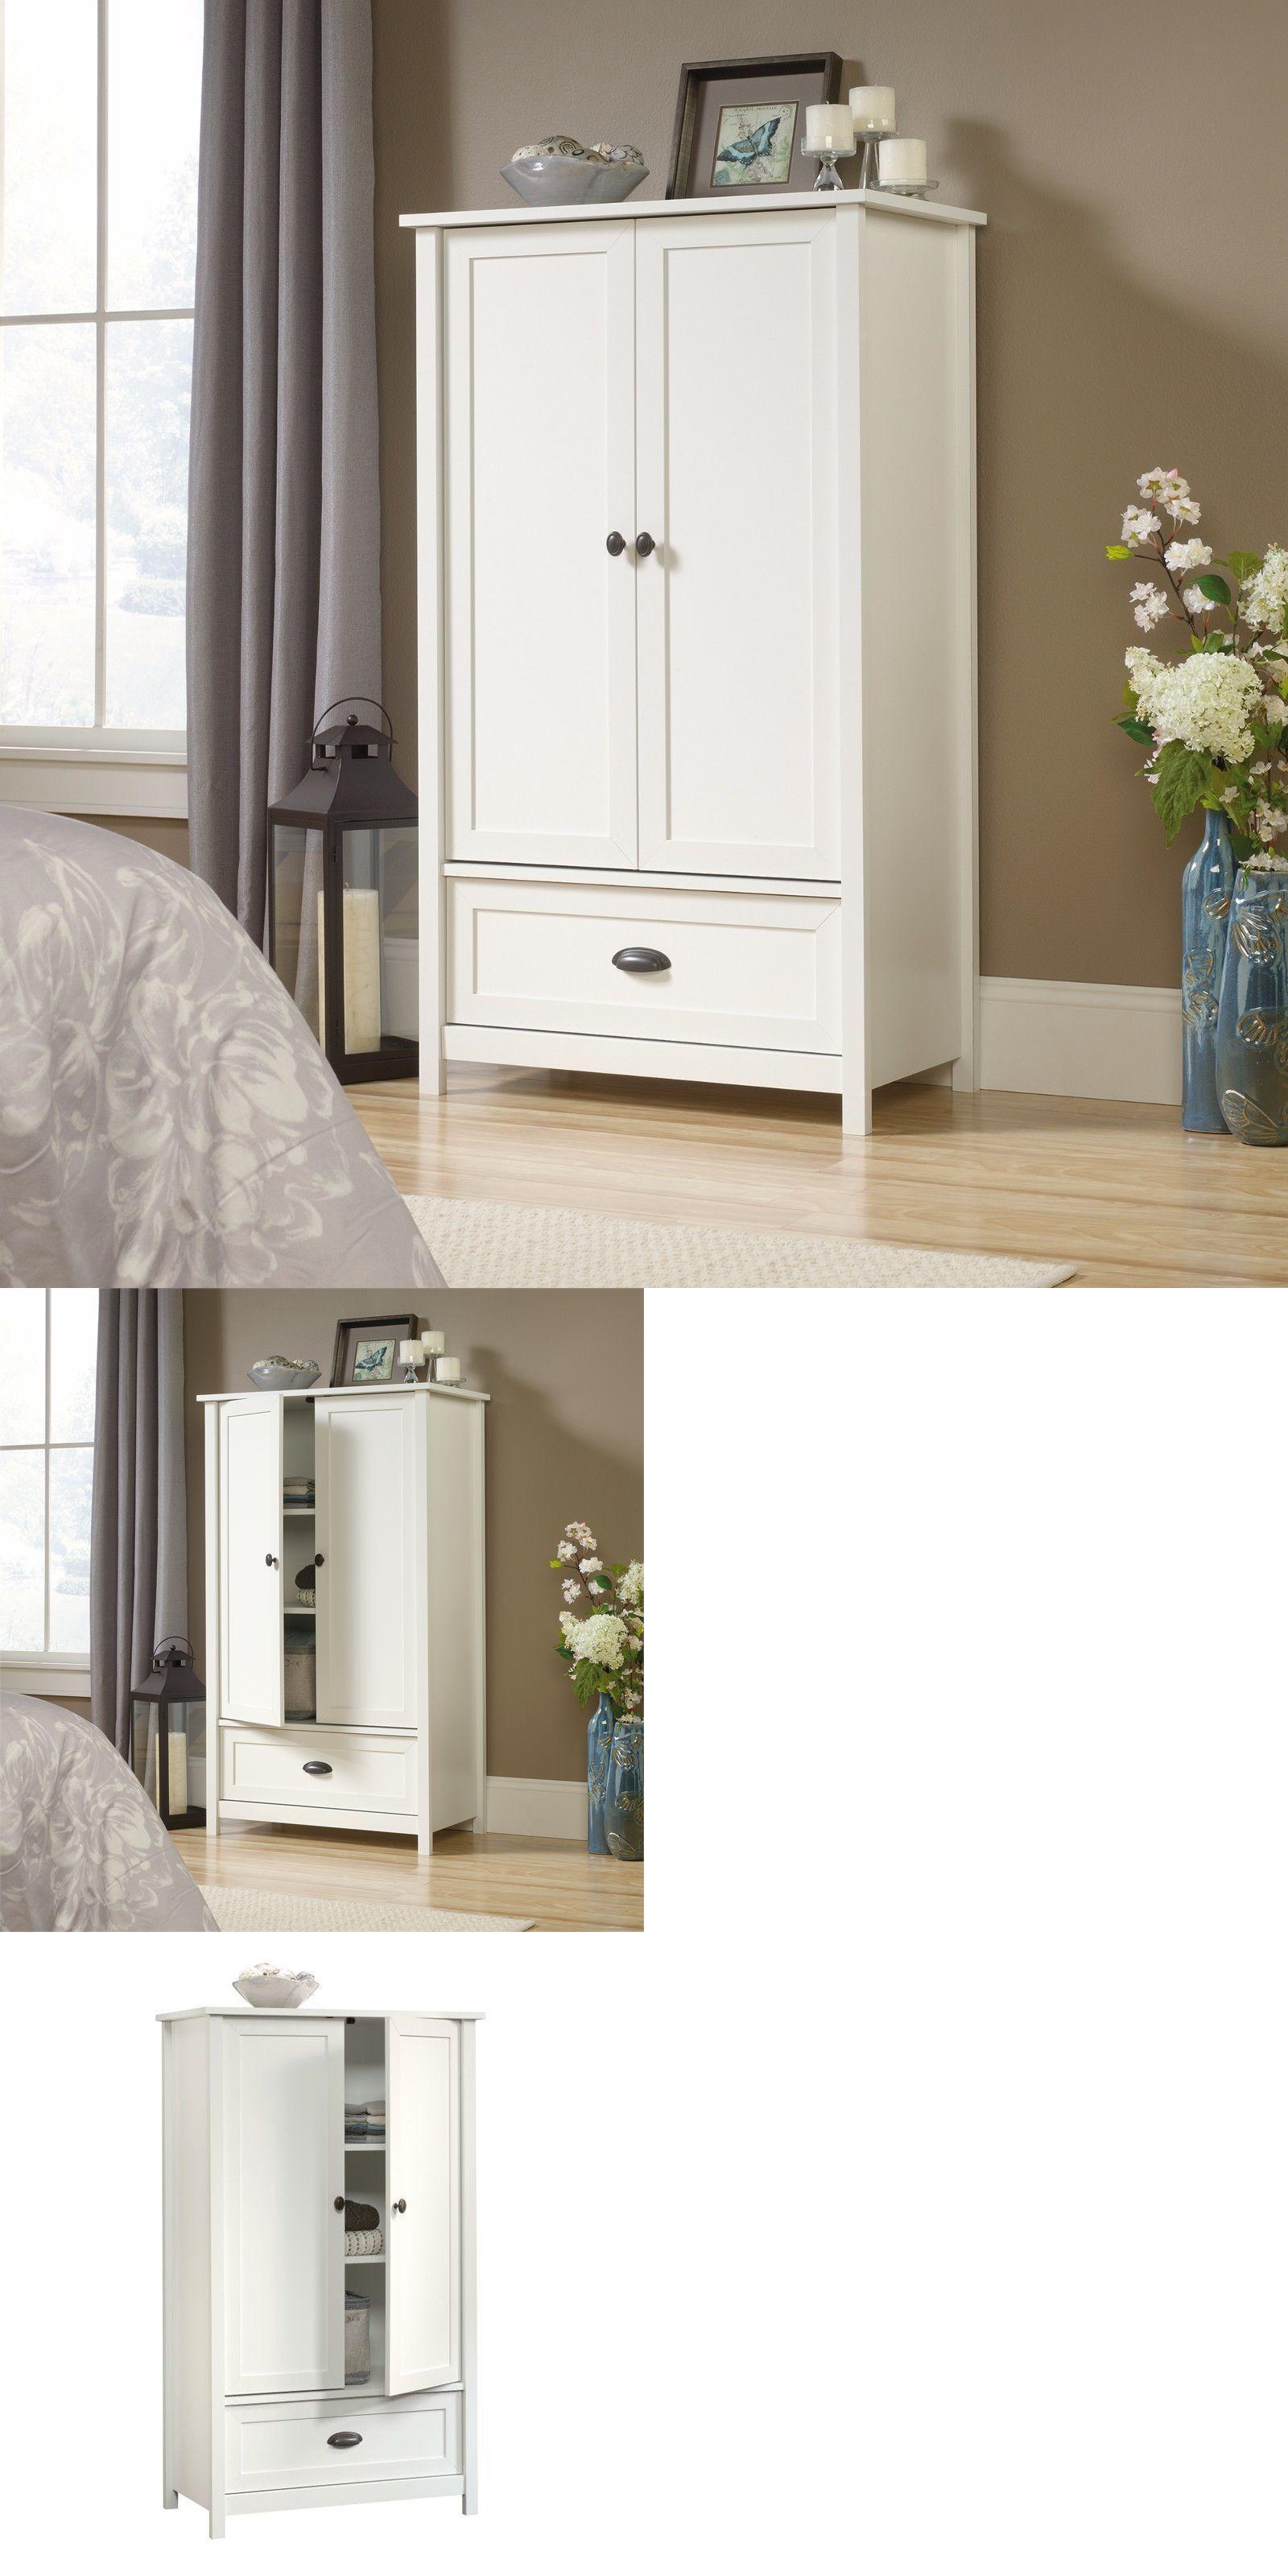 Armoires and wardrobes new white wardrobe closet storage